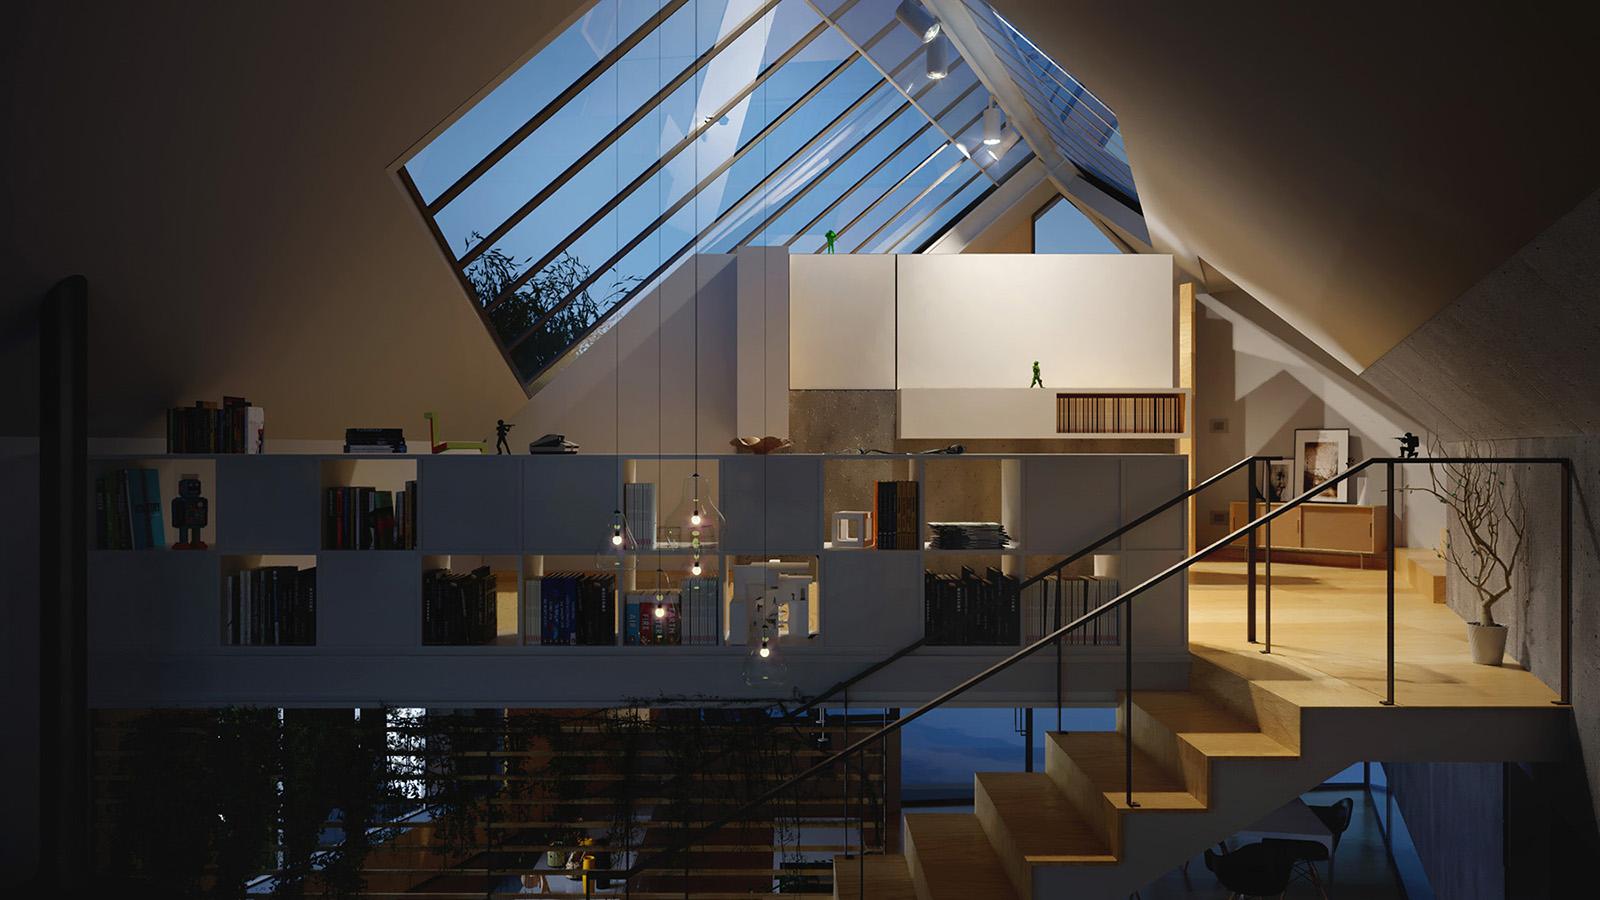 V-House_Living_nigh view_ateliercrilo.com.jpg